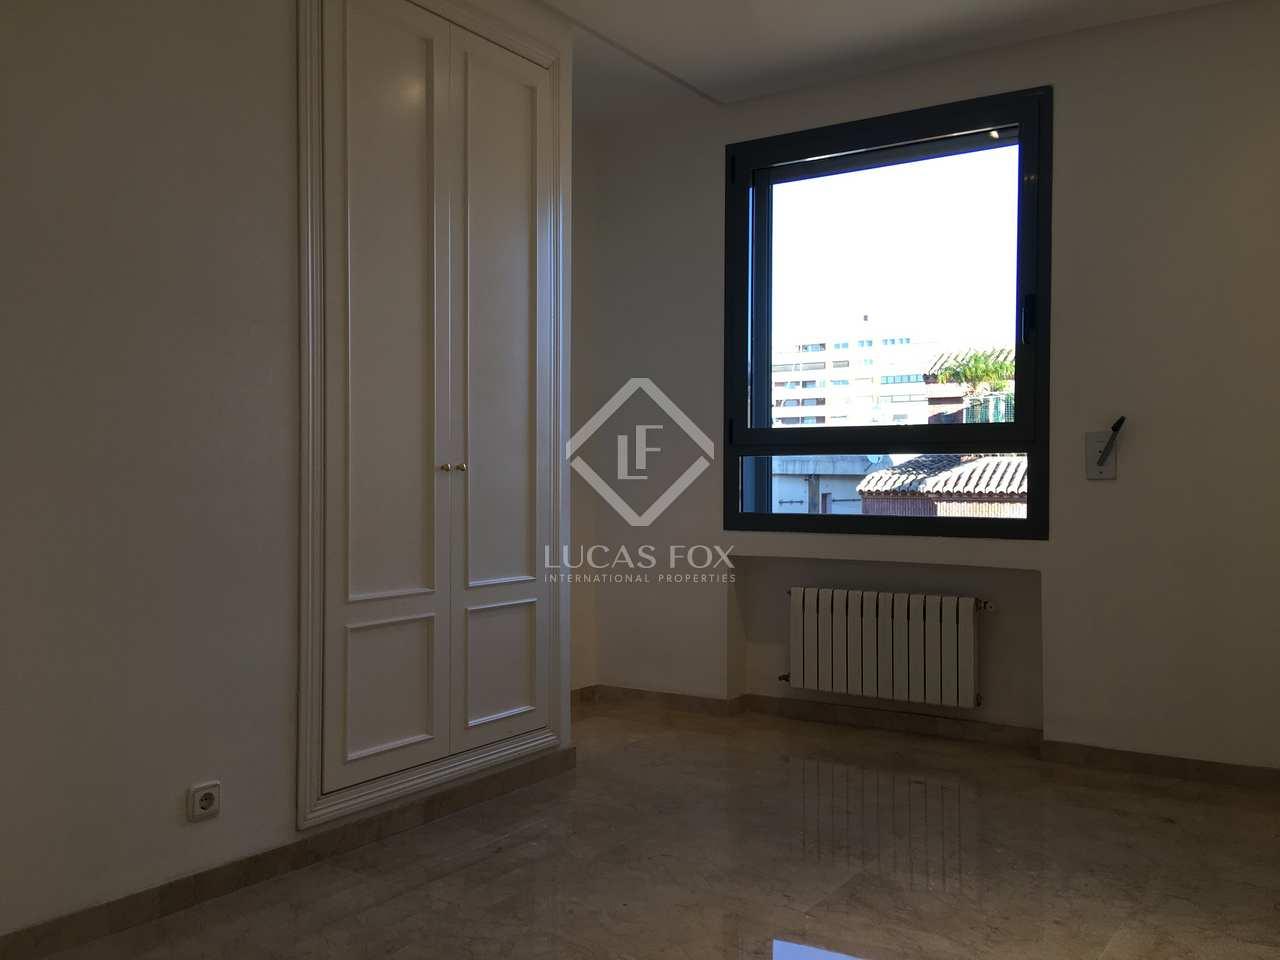 Piso de 128m en venta en el pla del real valencia - Compro piso en madrid zona centro ...